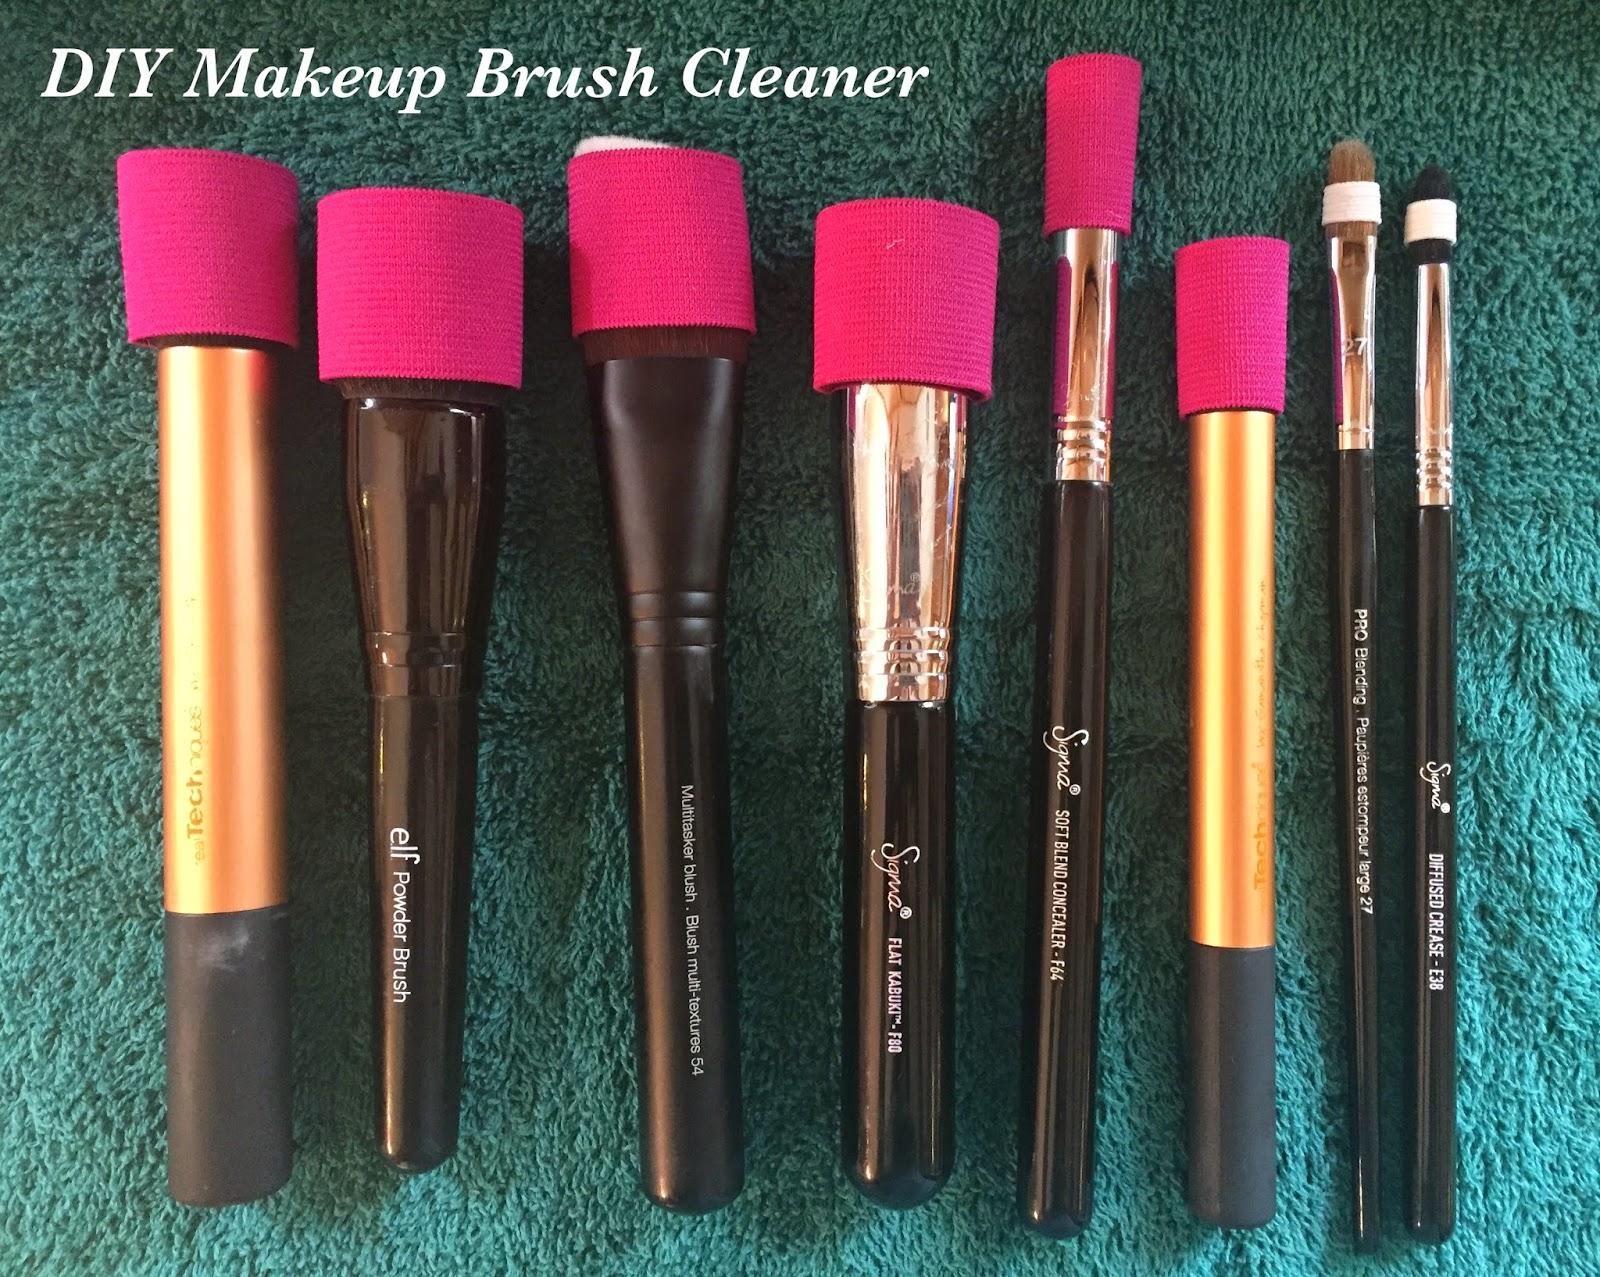 Diy makeup brush cleaner